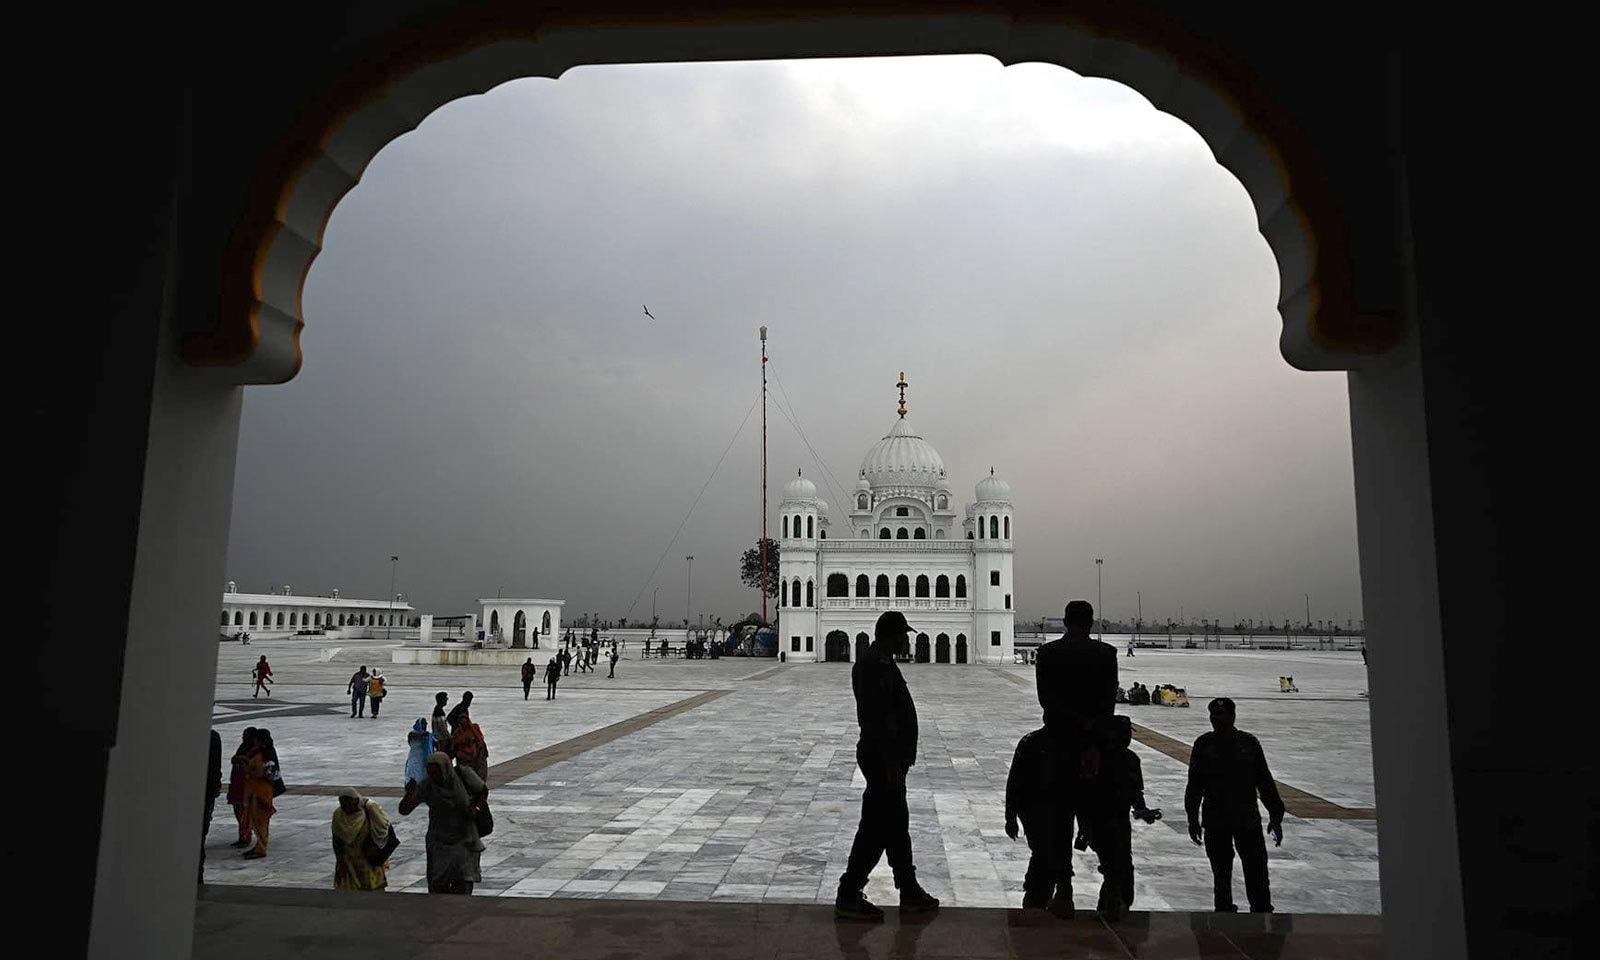 کرتارپور راہداری کے اففتاح سے قبل سیکیورٹی اہلکار اور مزار کے سکھ منتظمین تمام انتظامات کا جائزہ لے رہے ہیں — فوٹو: اے ایف پی